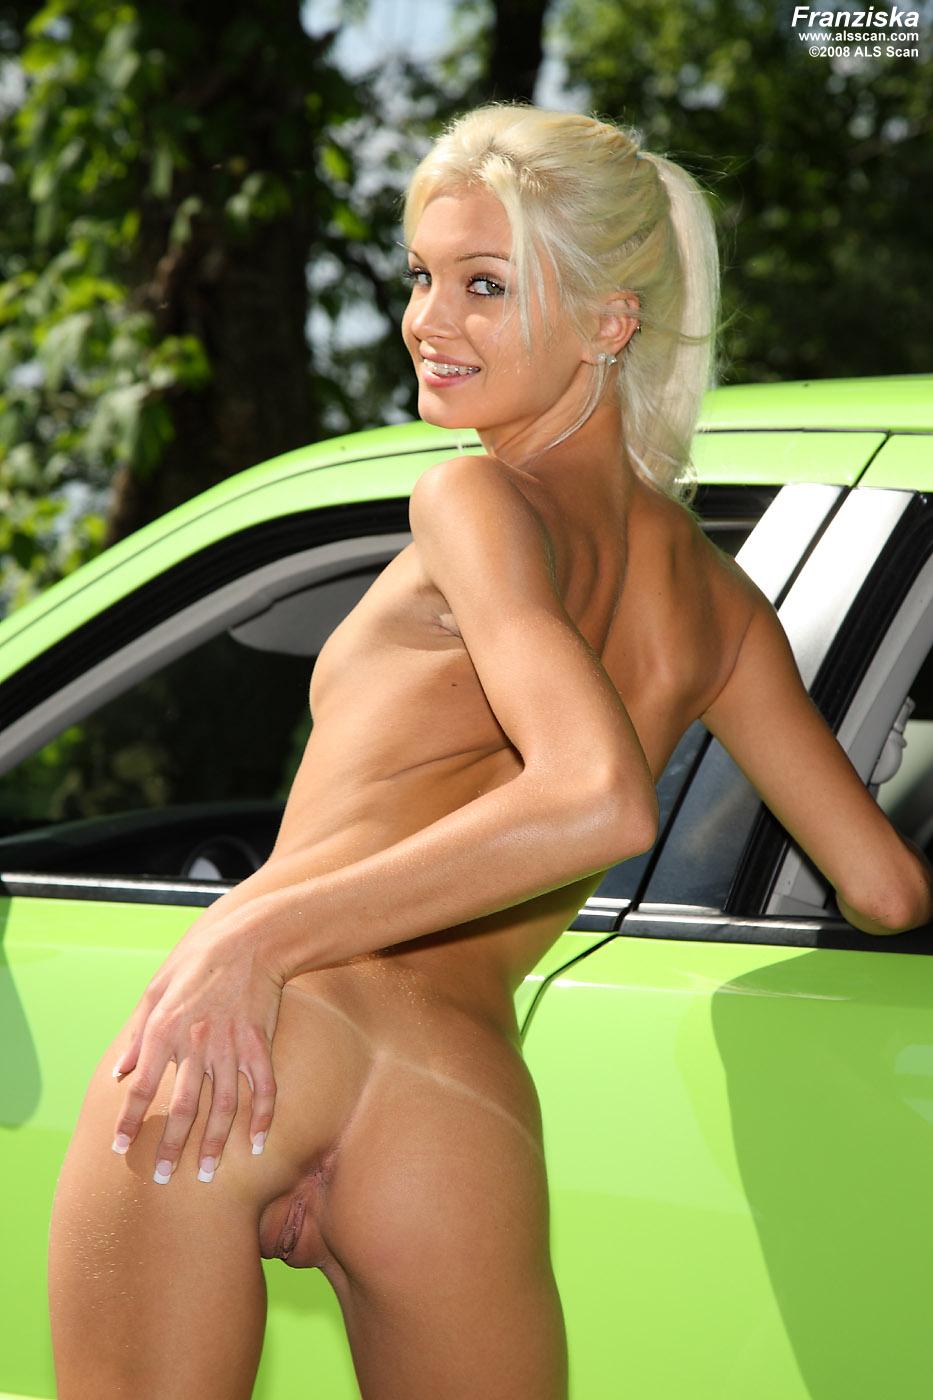 Franziska naked